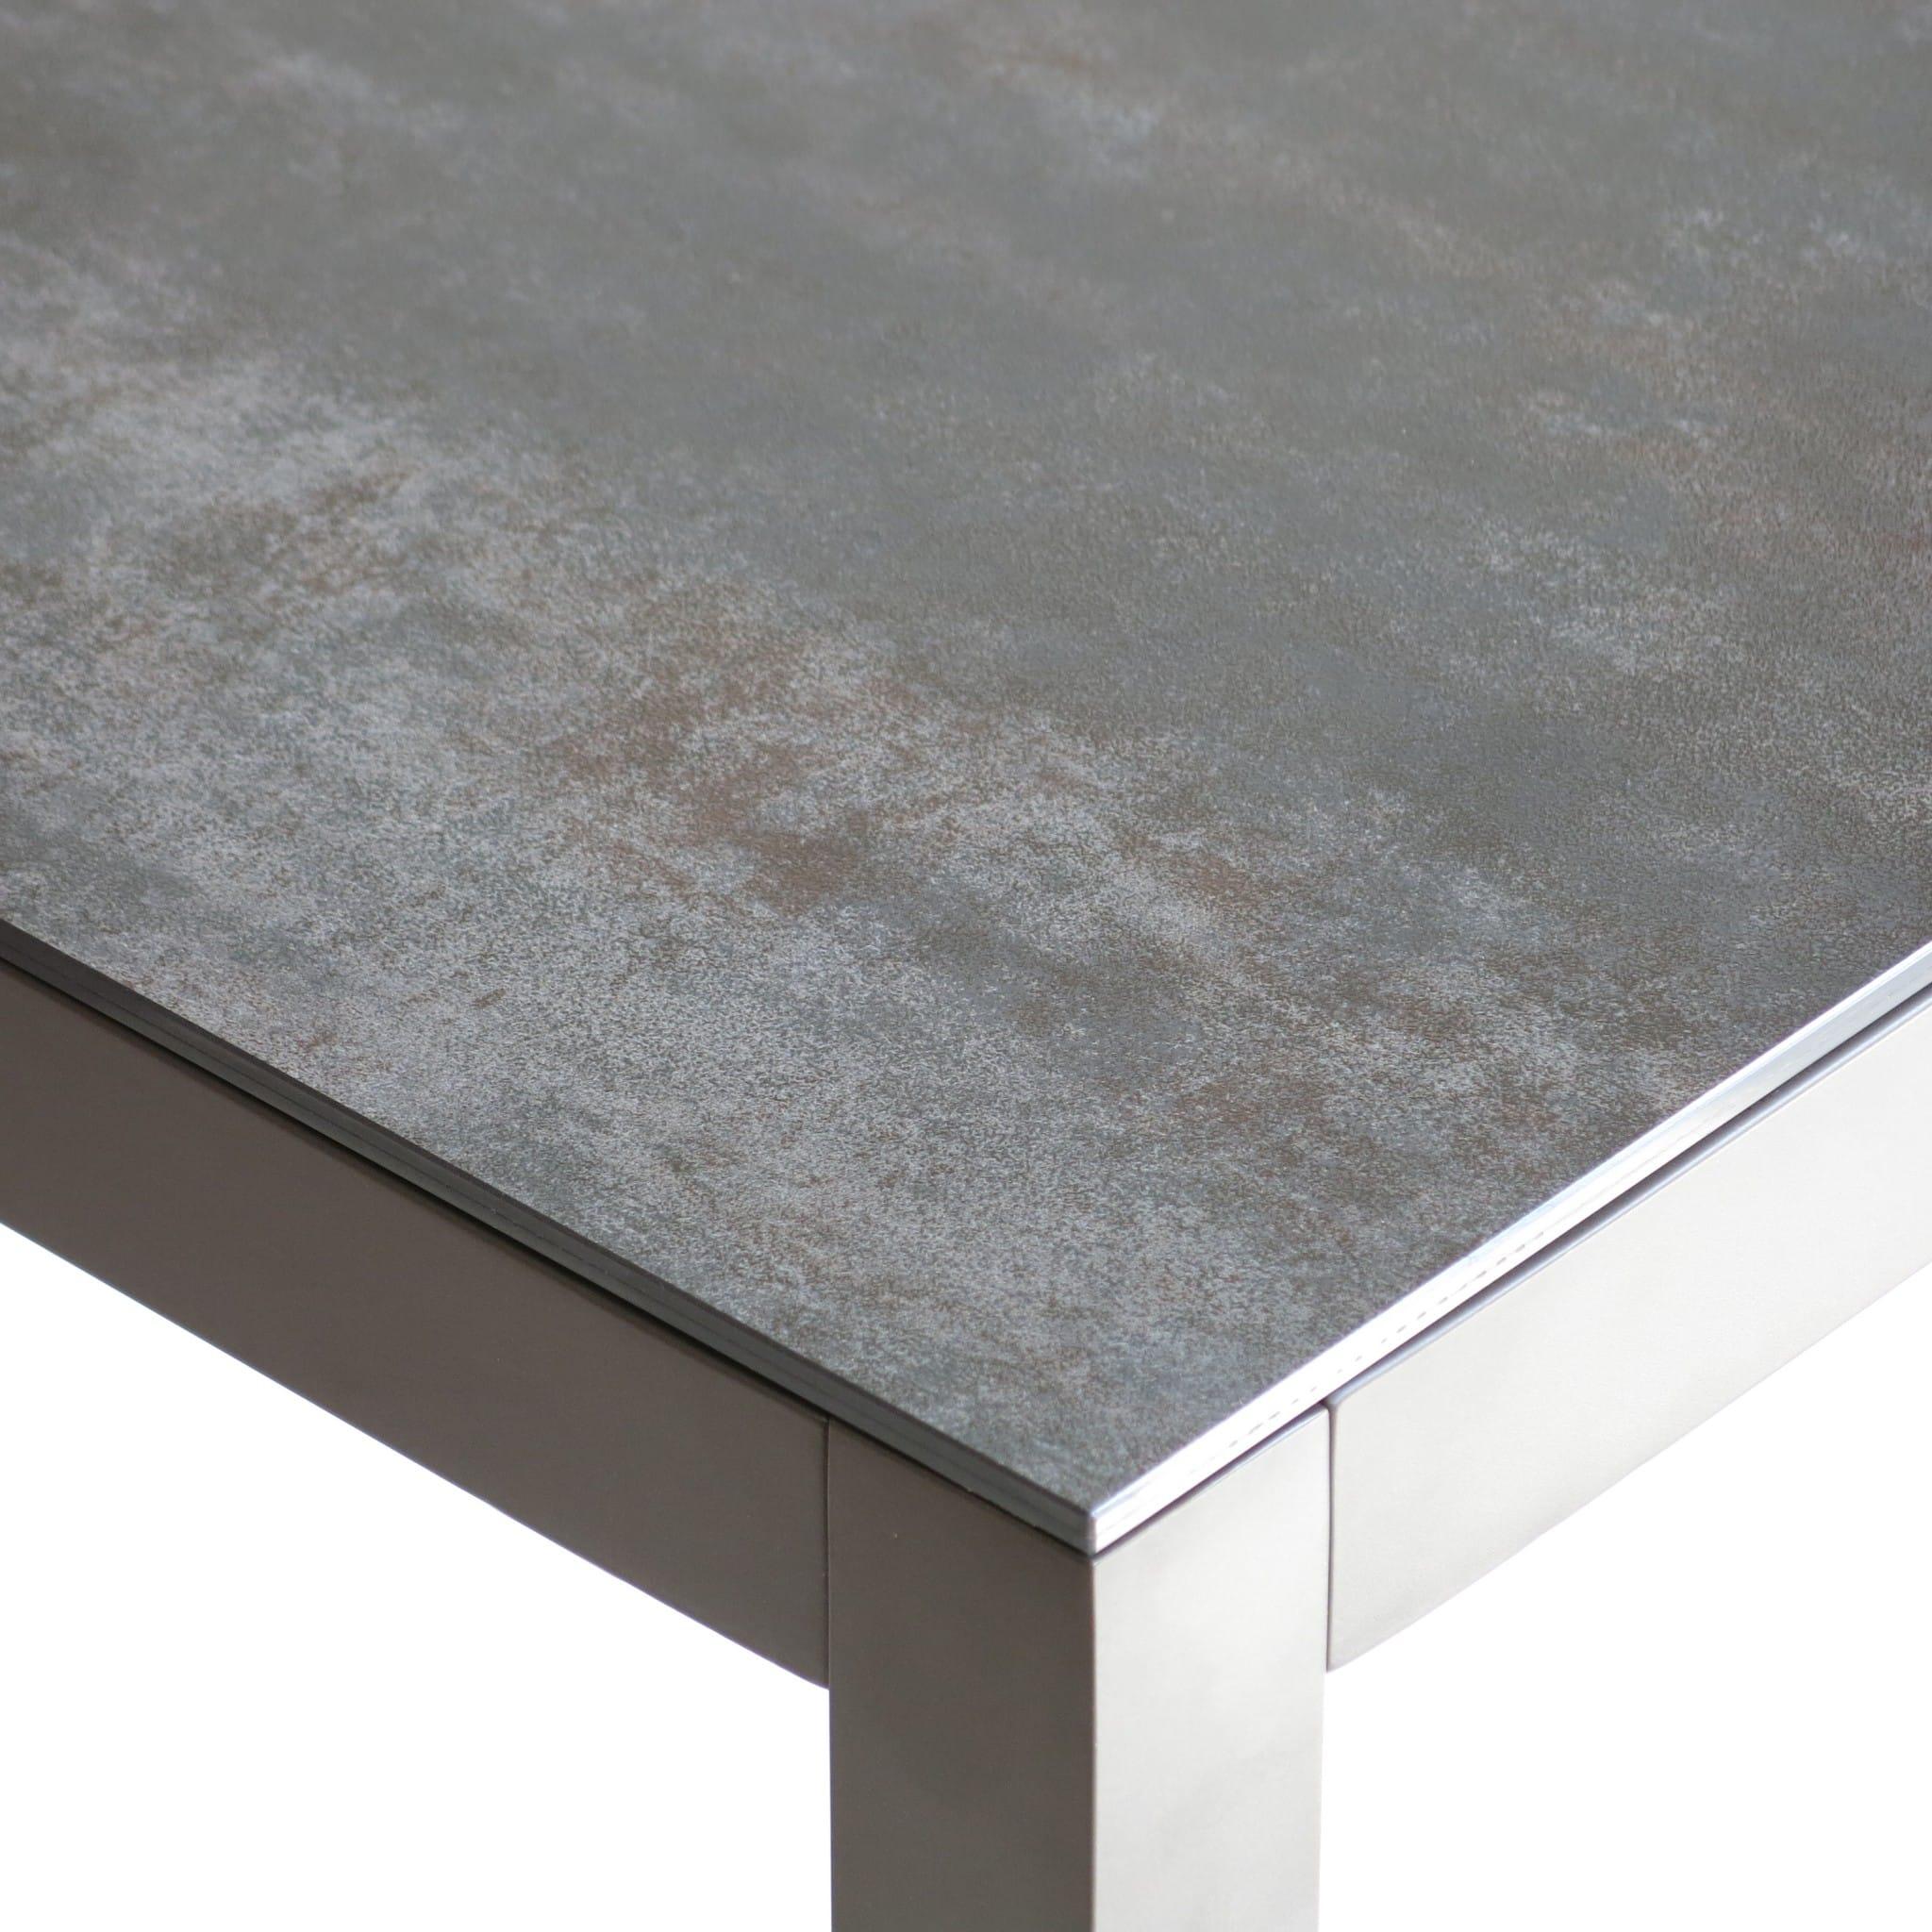 carma Aluminium Montreal Tisch silber - Keramik 6 mm   Bumb ...